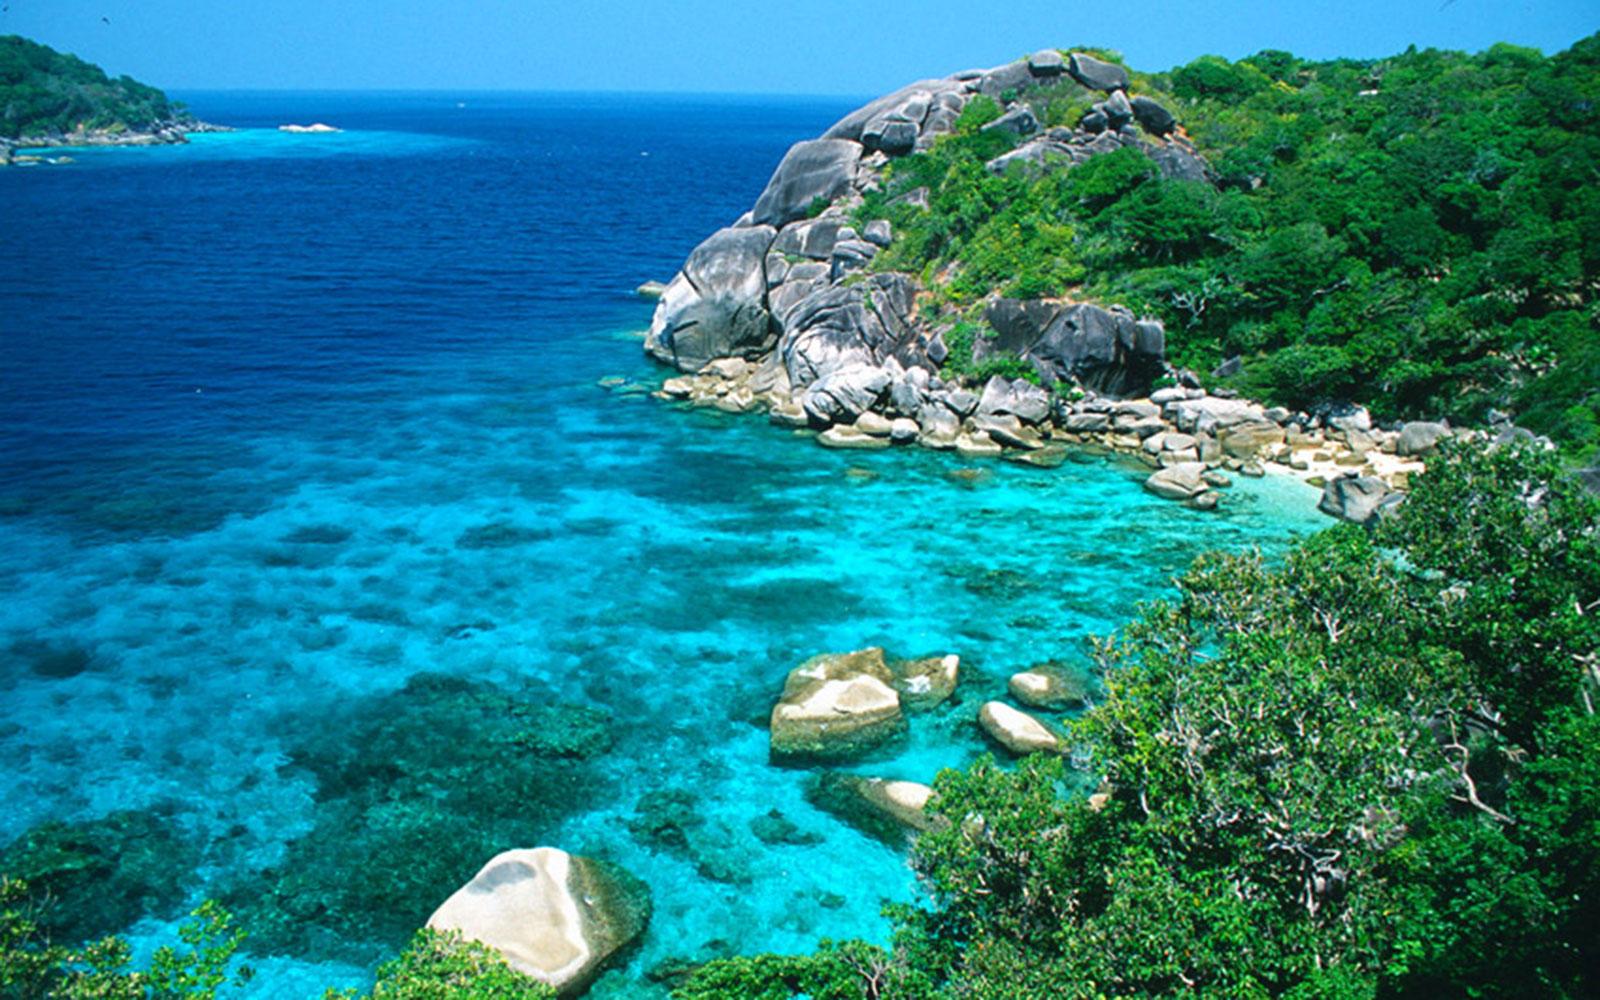 بالصور اجمل الاماكن السياحيه في تايلاند بالصور 20160716 3073